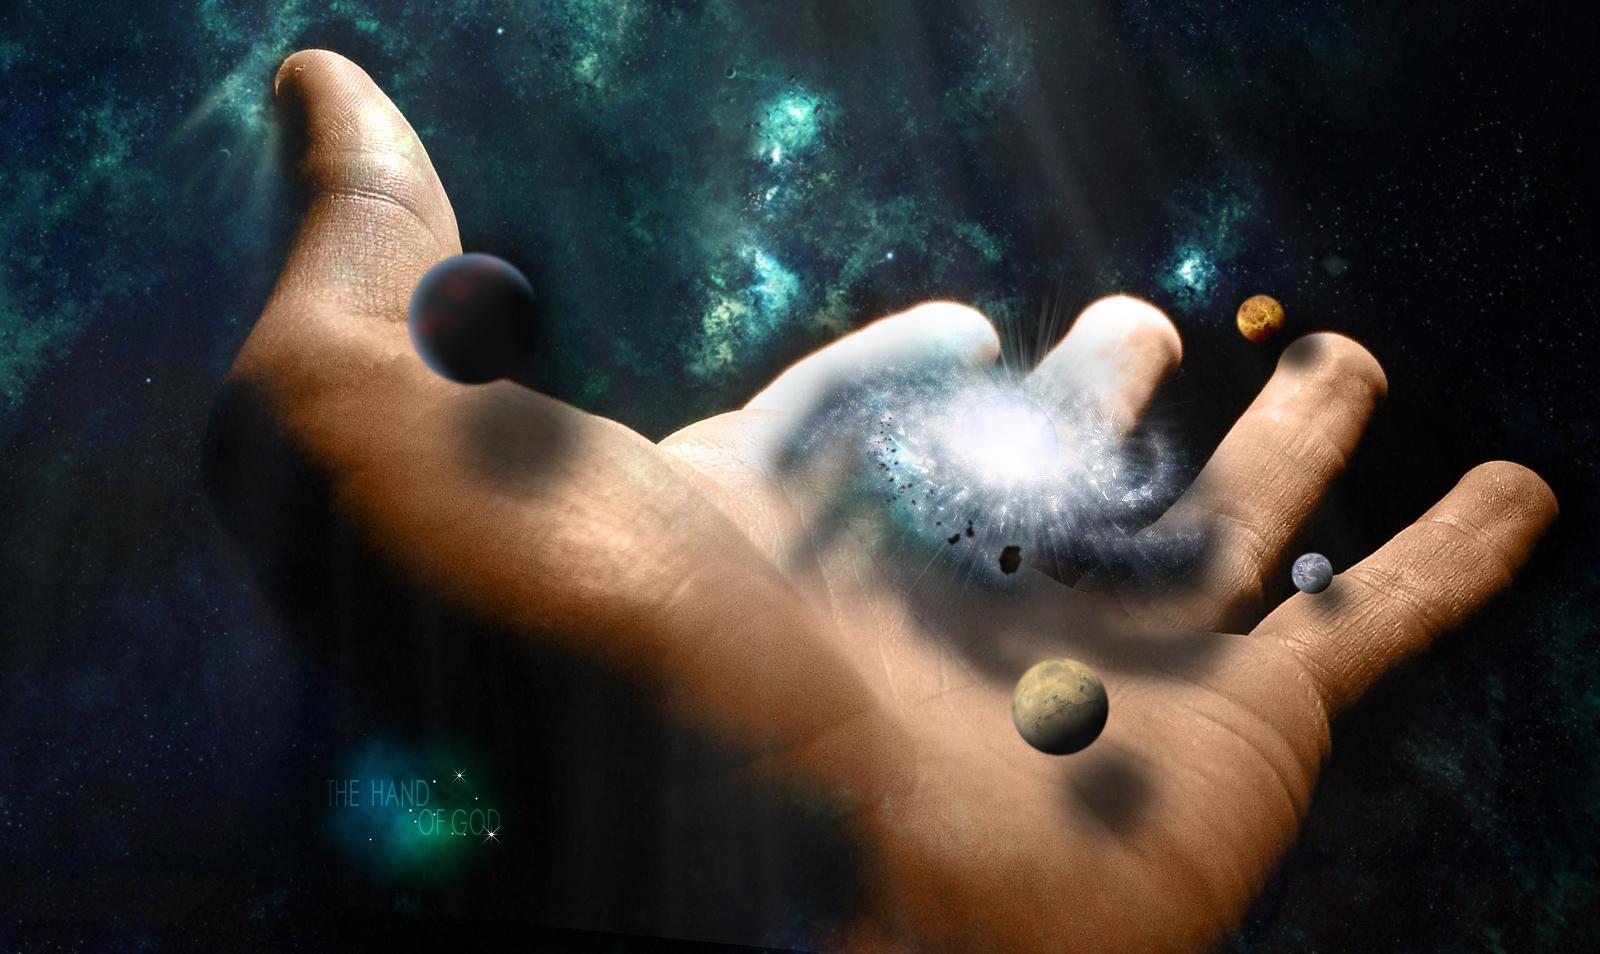 Científicos Descubren que el Universo está Muriendo como Profetiza la Biblia